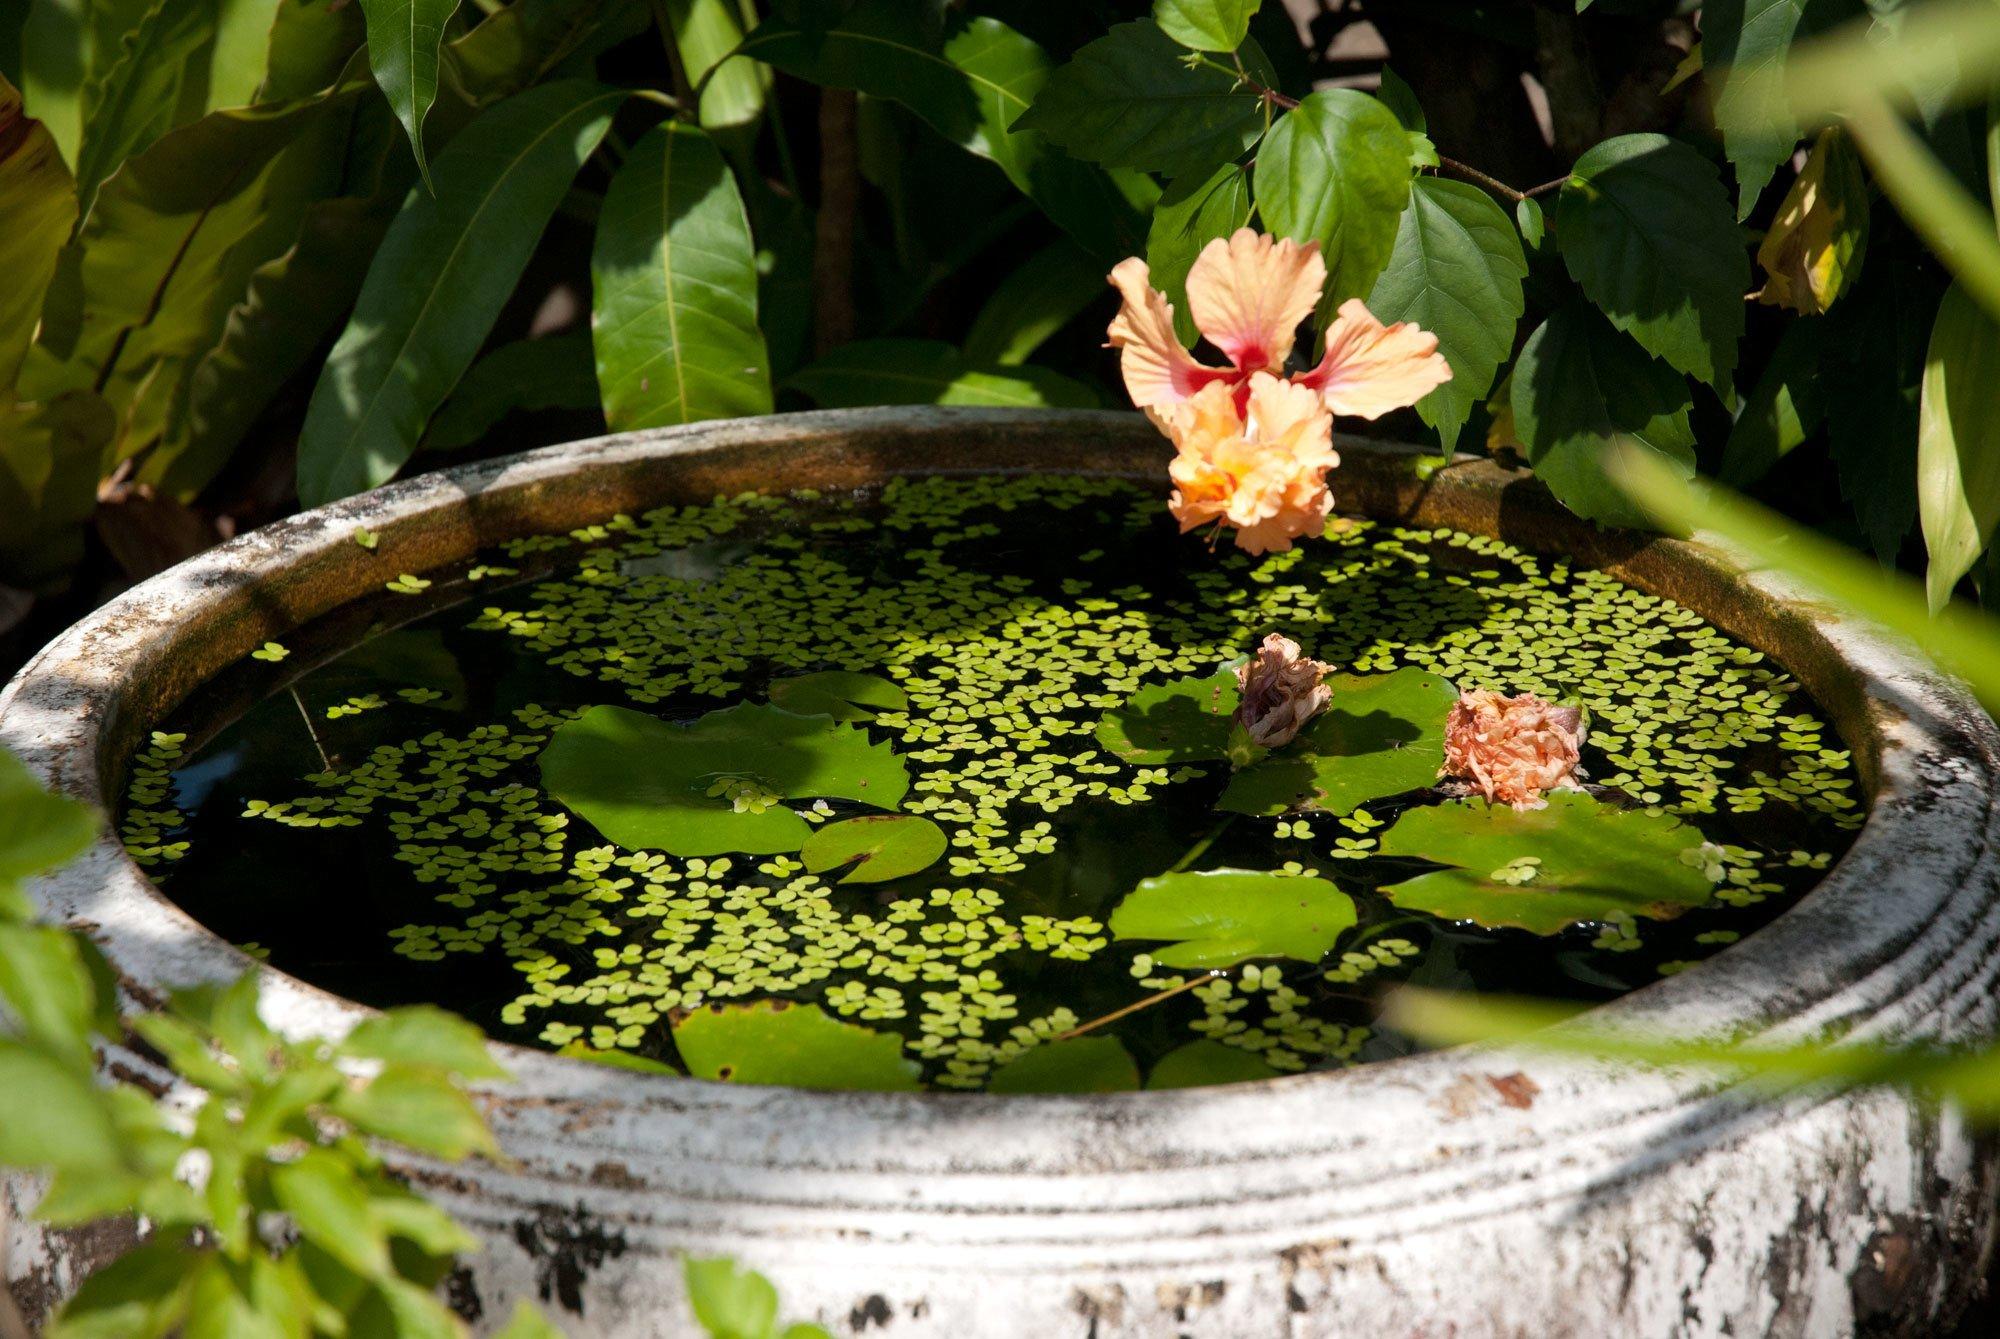 DIY Mini-Teich im Topf und noch viele tolle Gartenideen für wenig Geld finden Sie in unserem Artikel